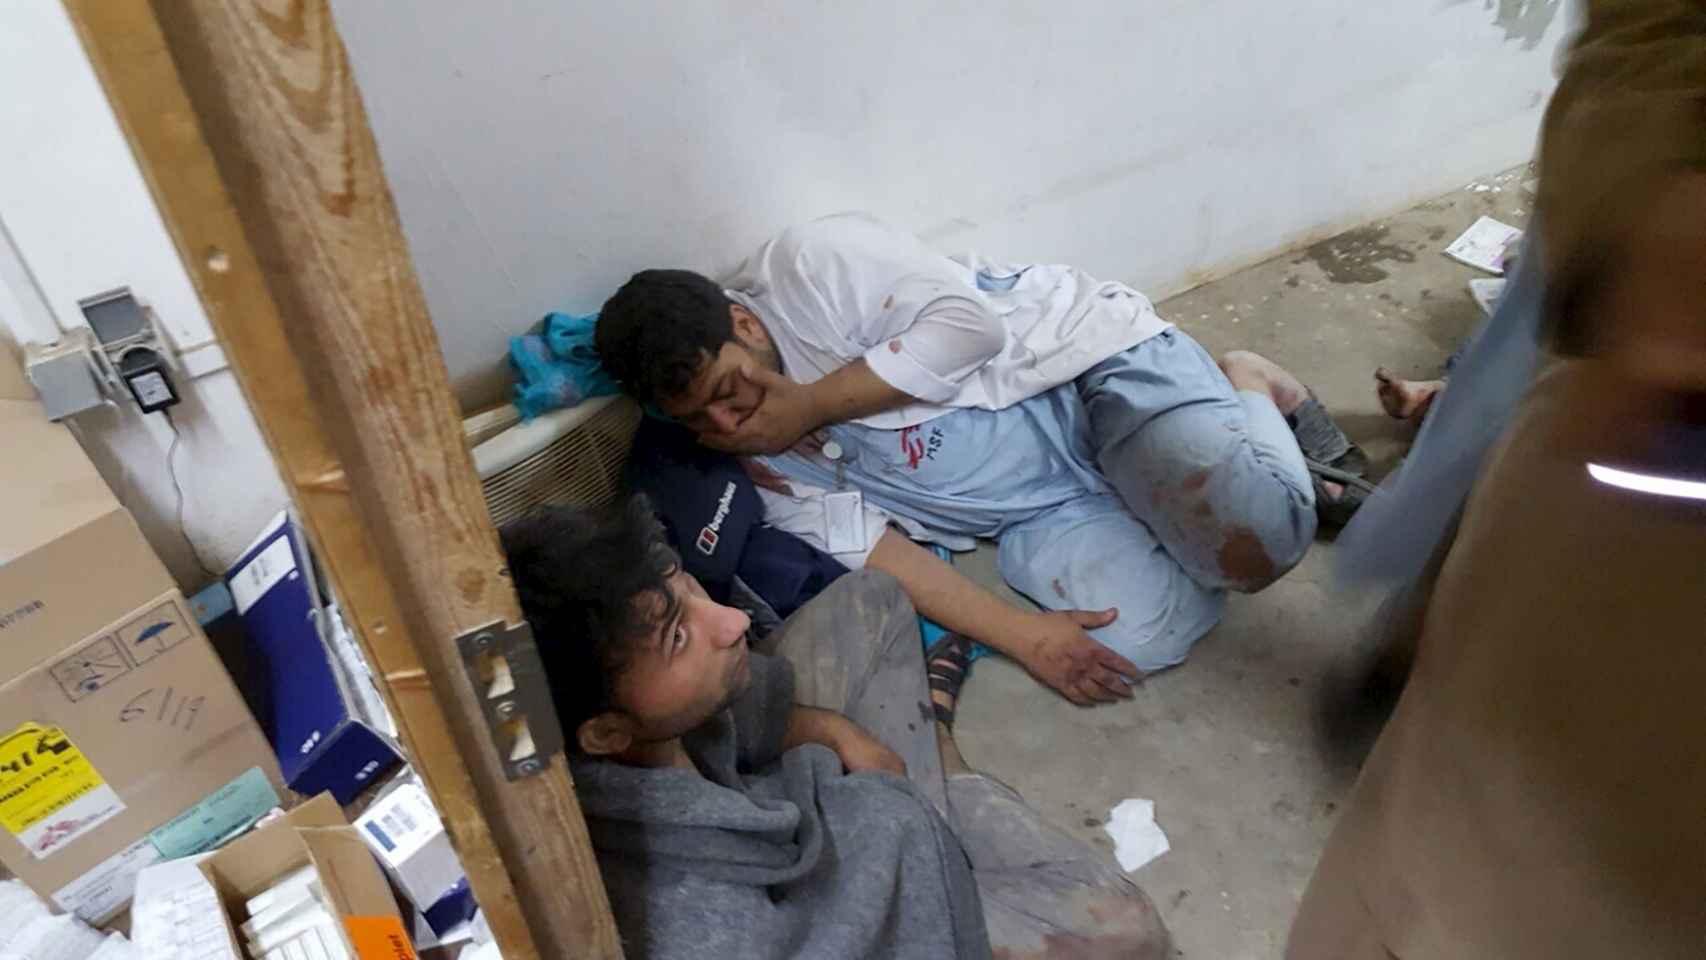 Dos miembros de MSF durante el bombardeo en el hospital de Kunduz. / Reuters